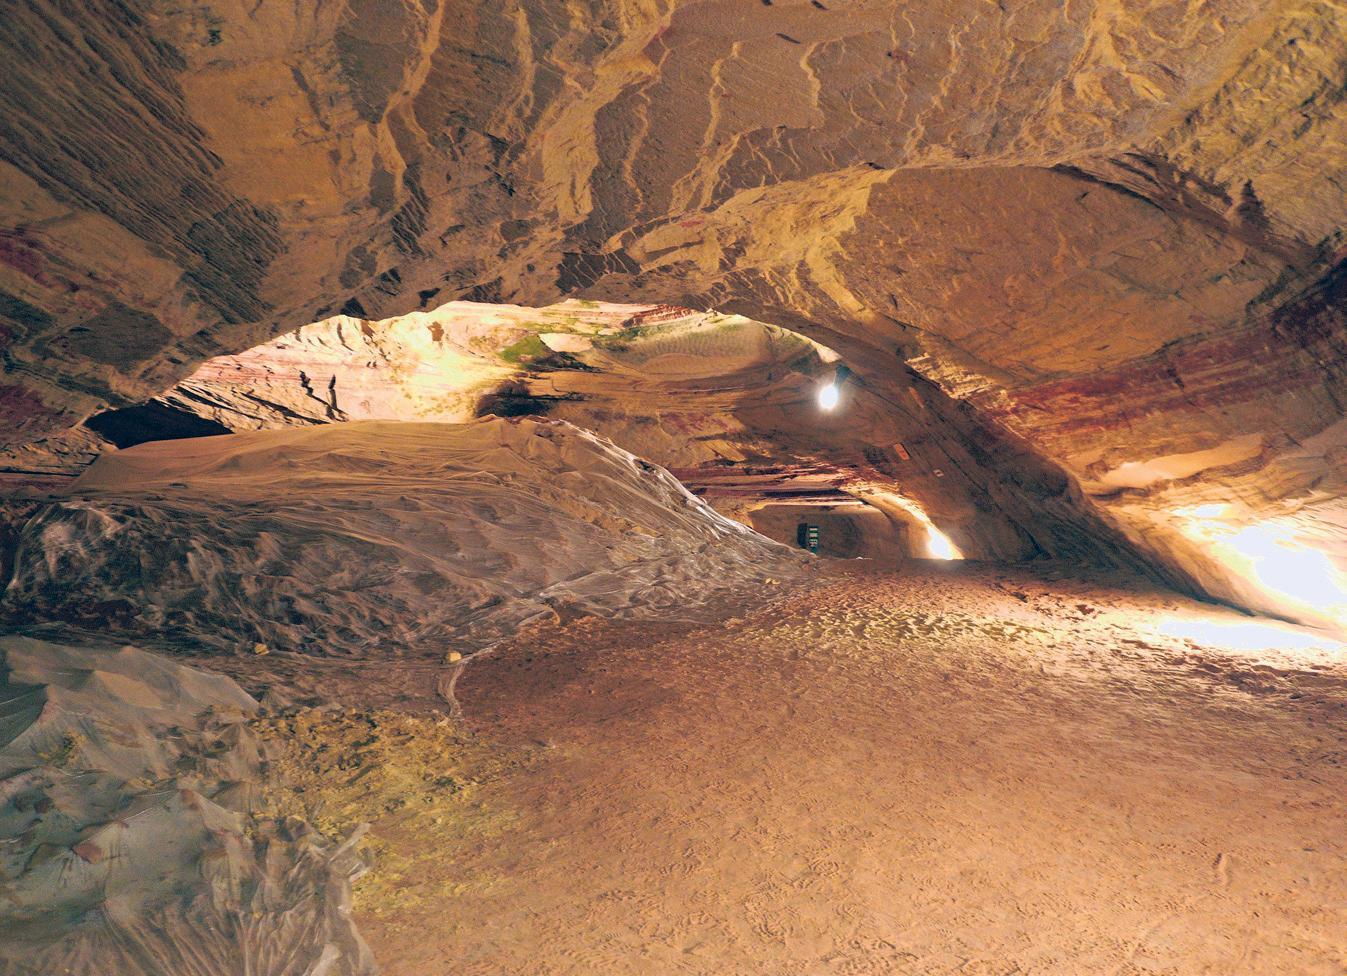 Page 20 of Schlossberghöhlen Homburg, Europe's biggest sandstone cave